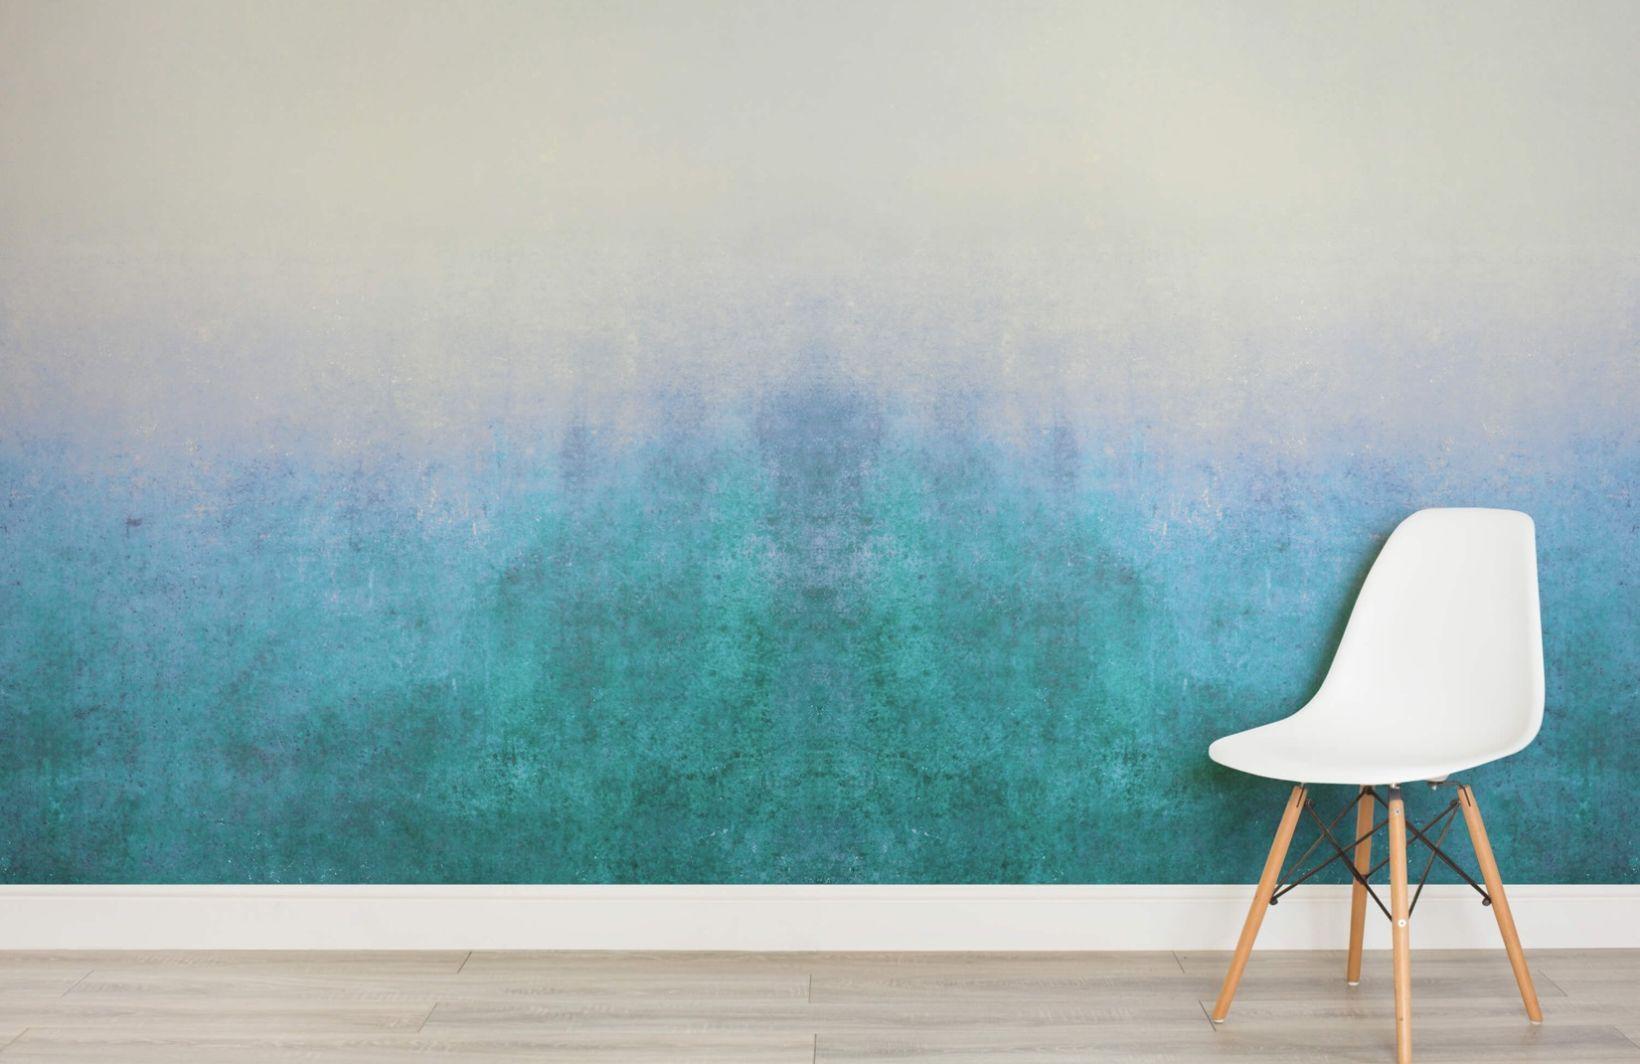 Blue Grunge Ombre Wallpaper Mural Wall murals, Ombre